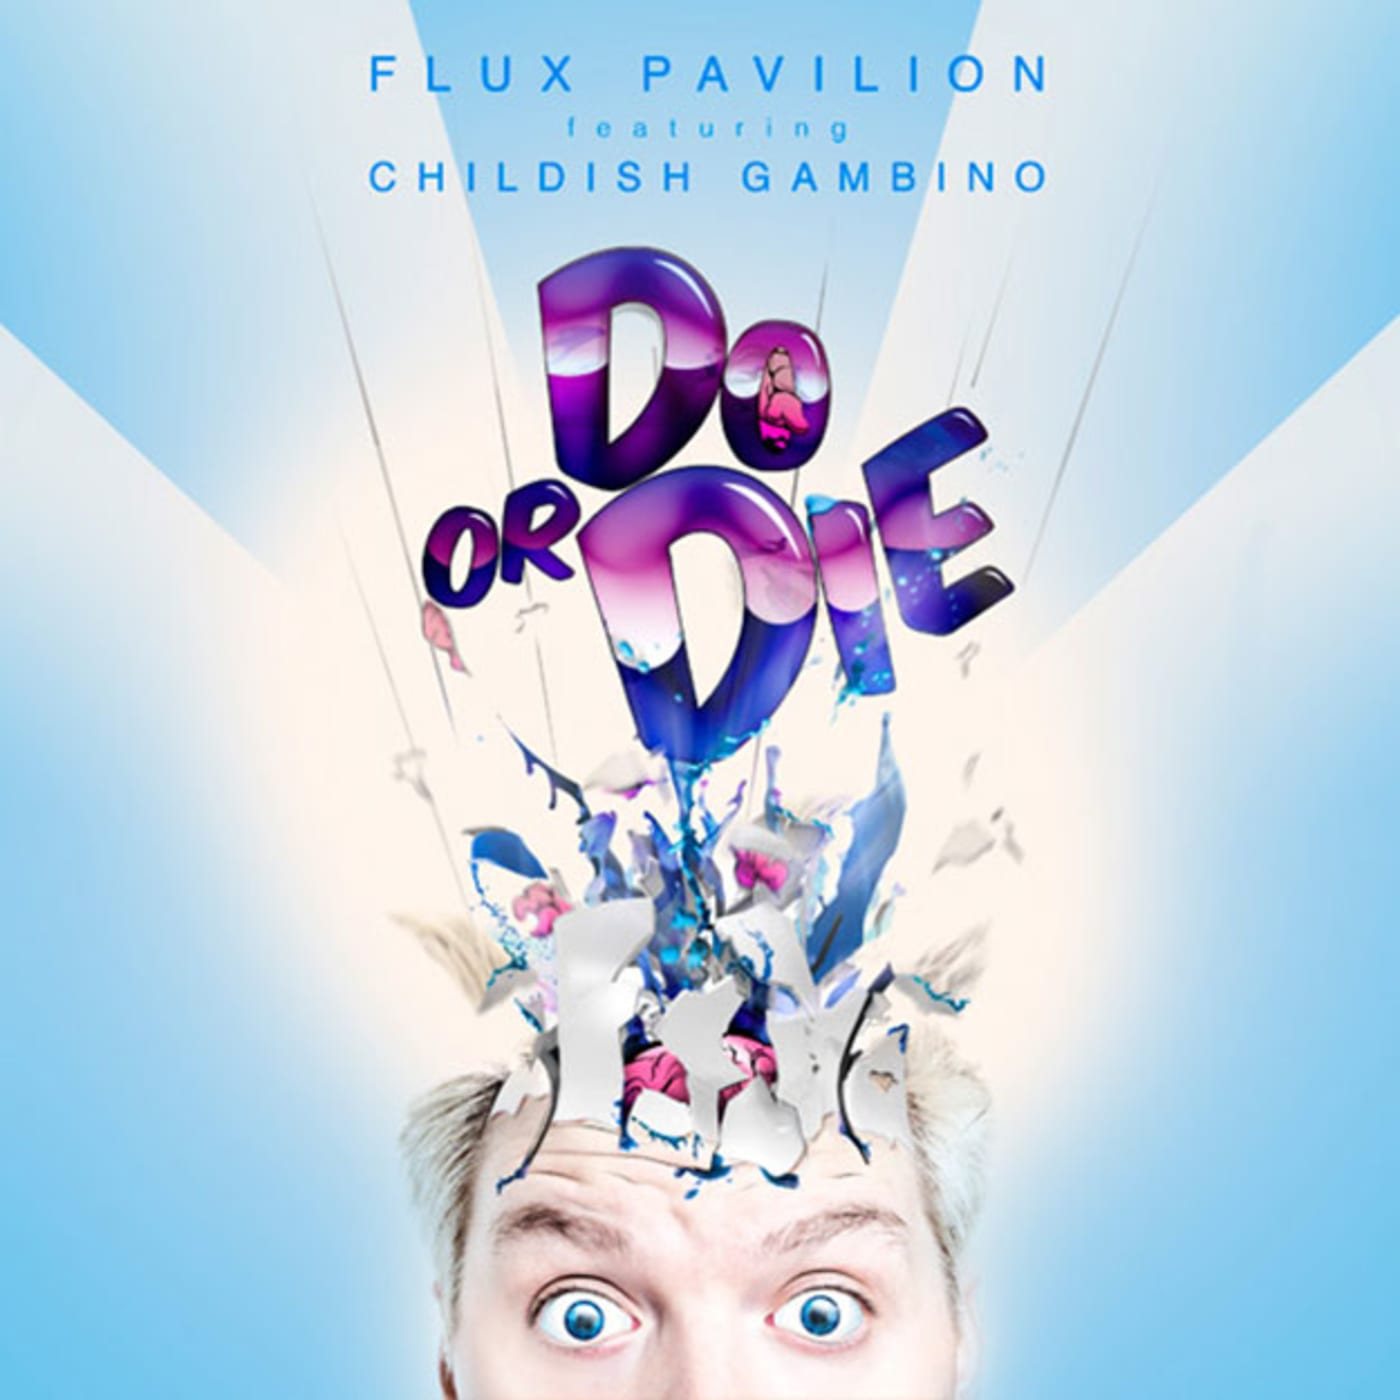 flux pavilion do or die